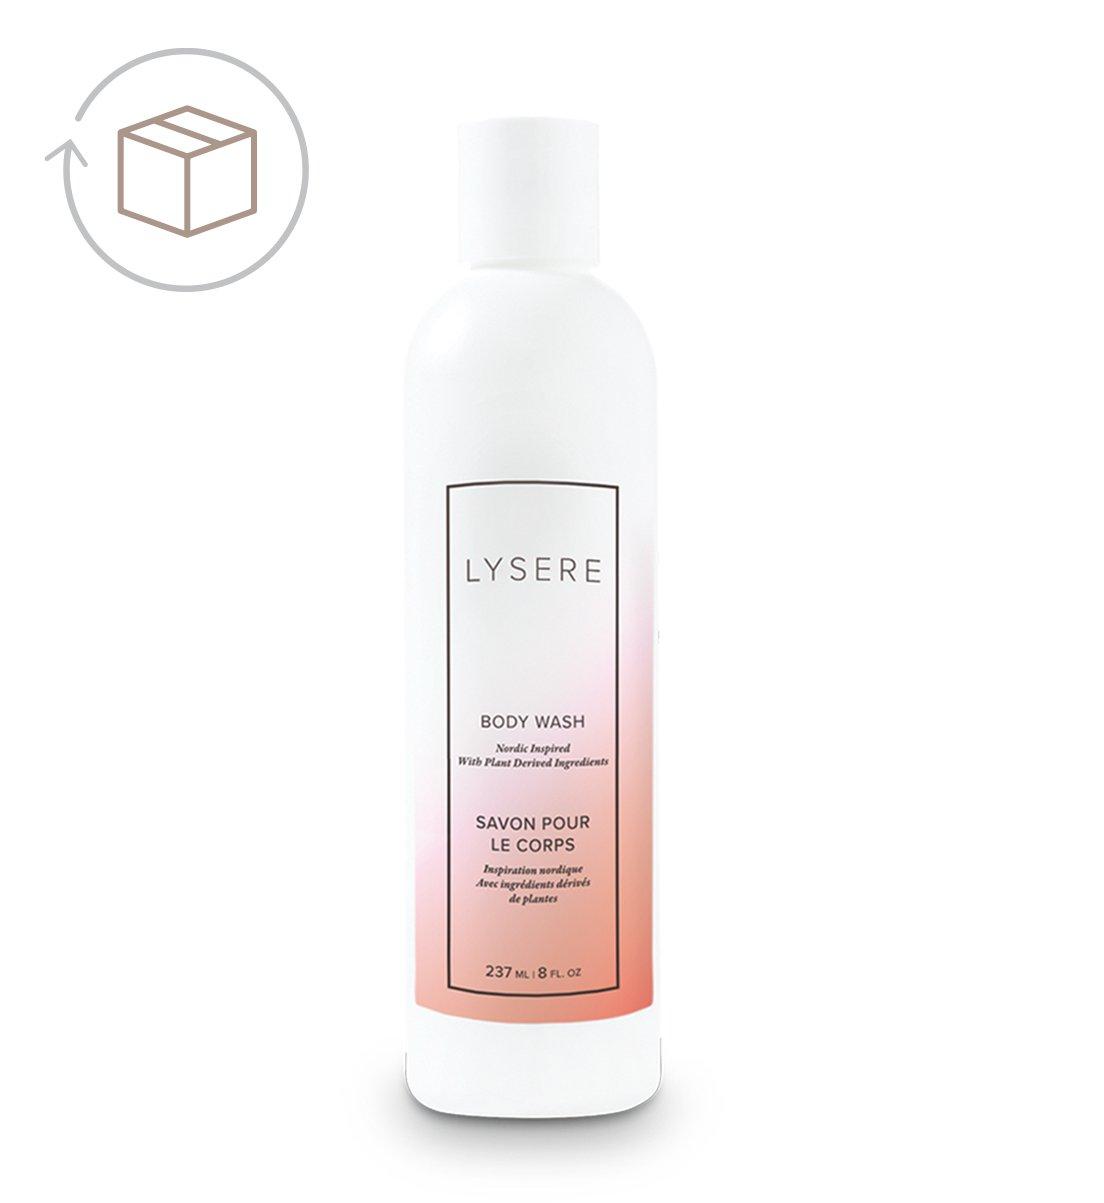 Lysere Body Wash